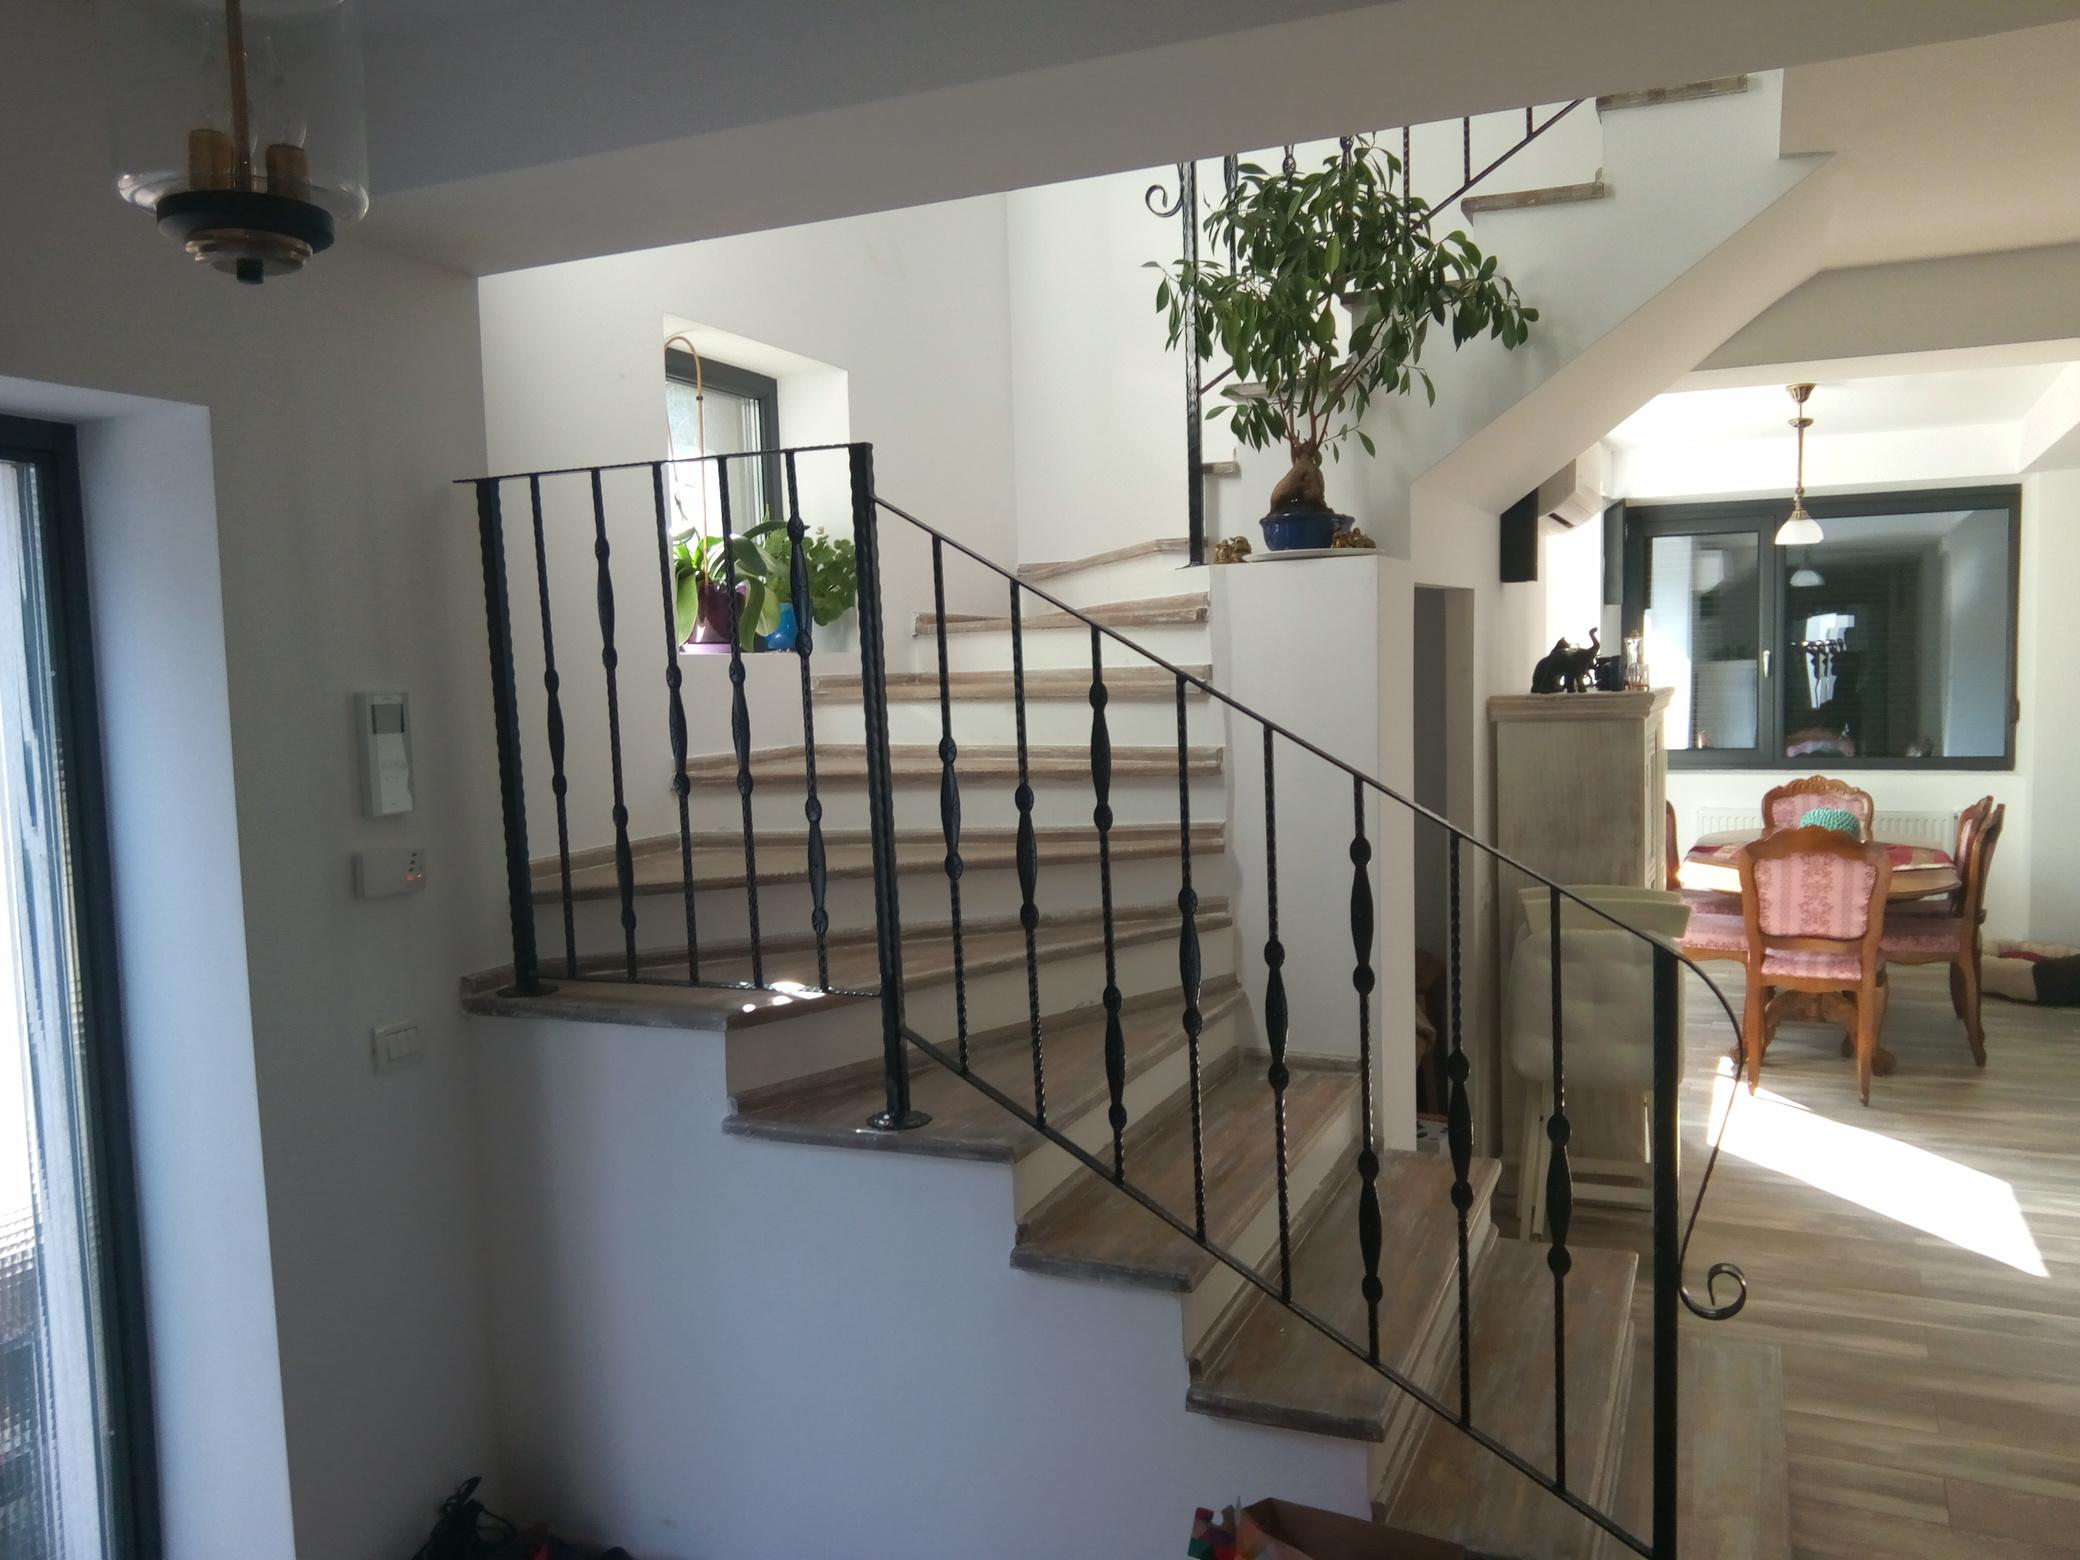 scari-interioare- (4)